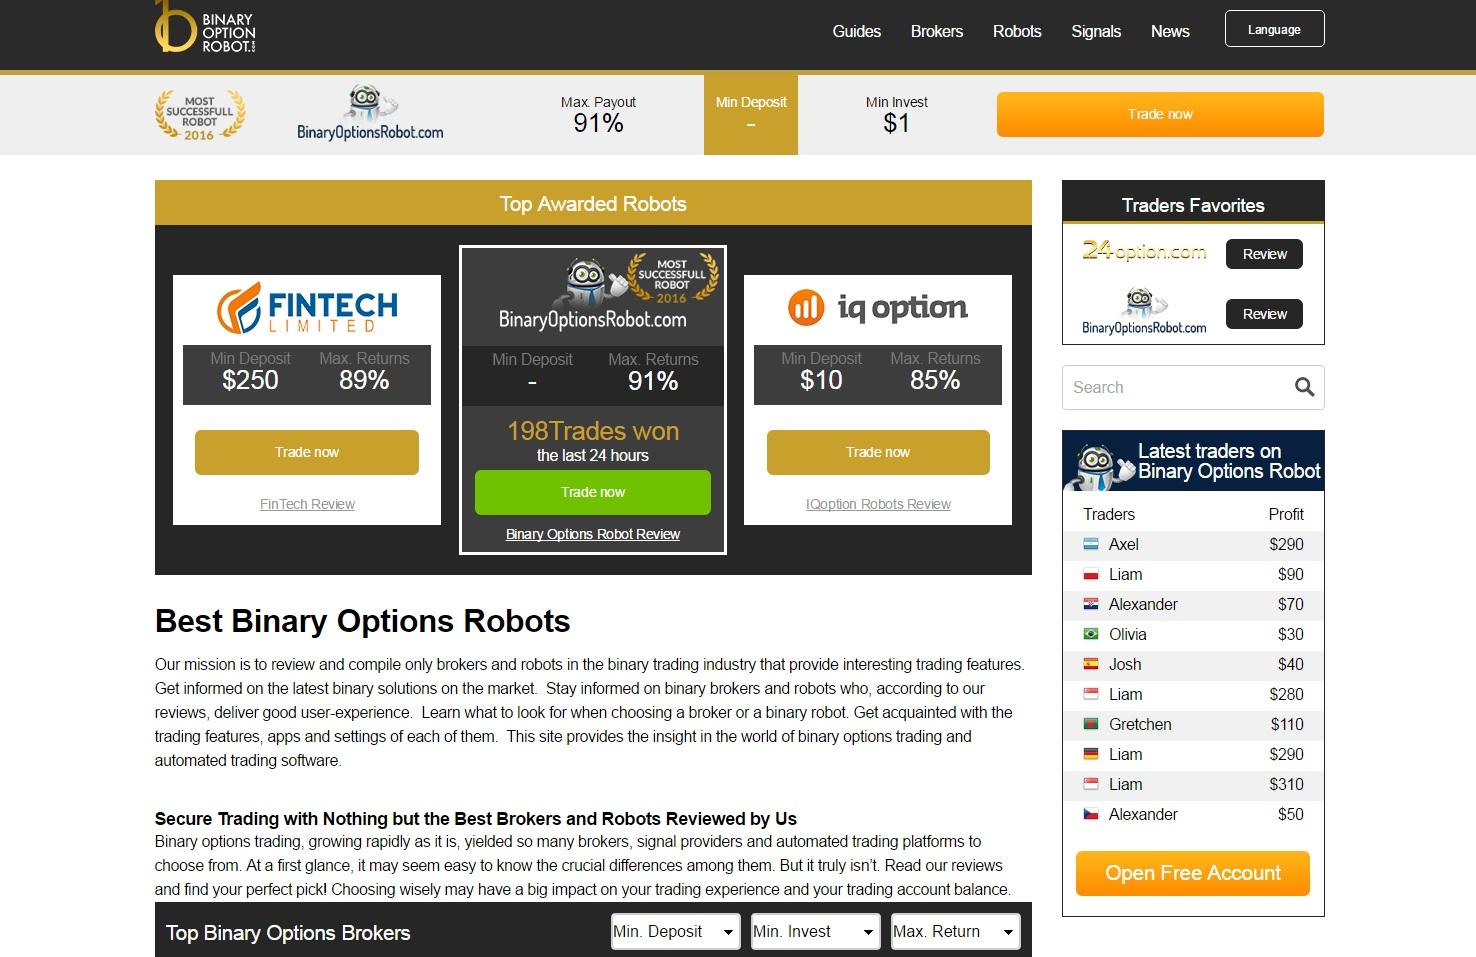 opțiuni binare recenzii robot verificarea opțiunilor binare